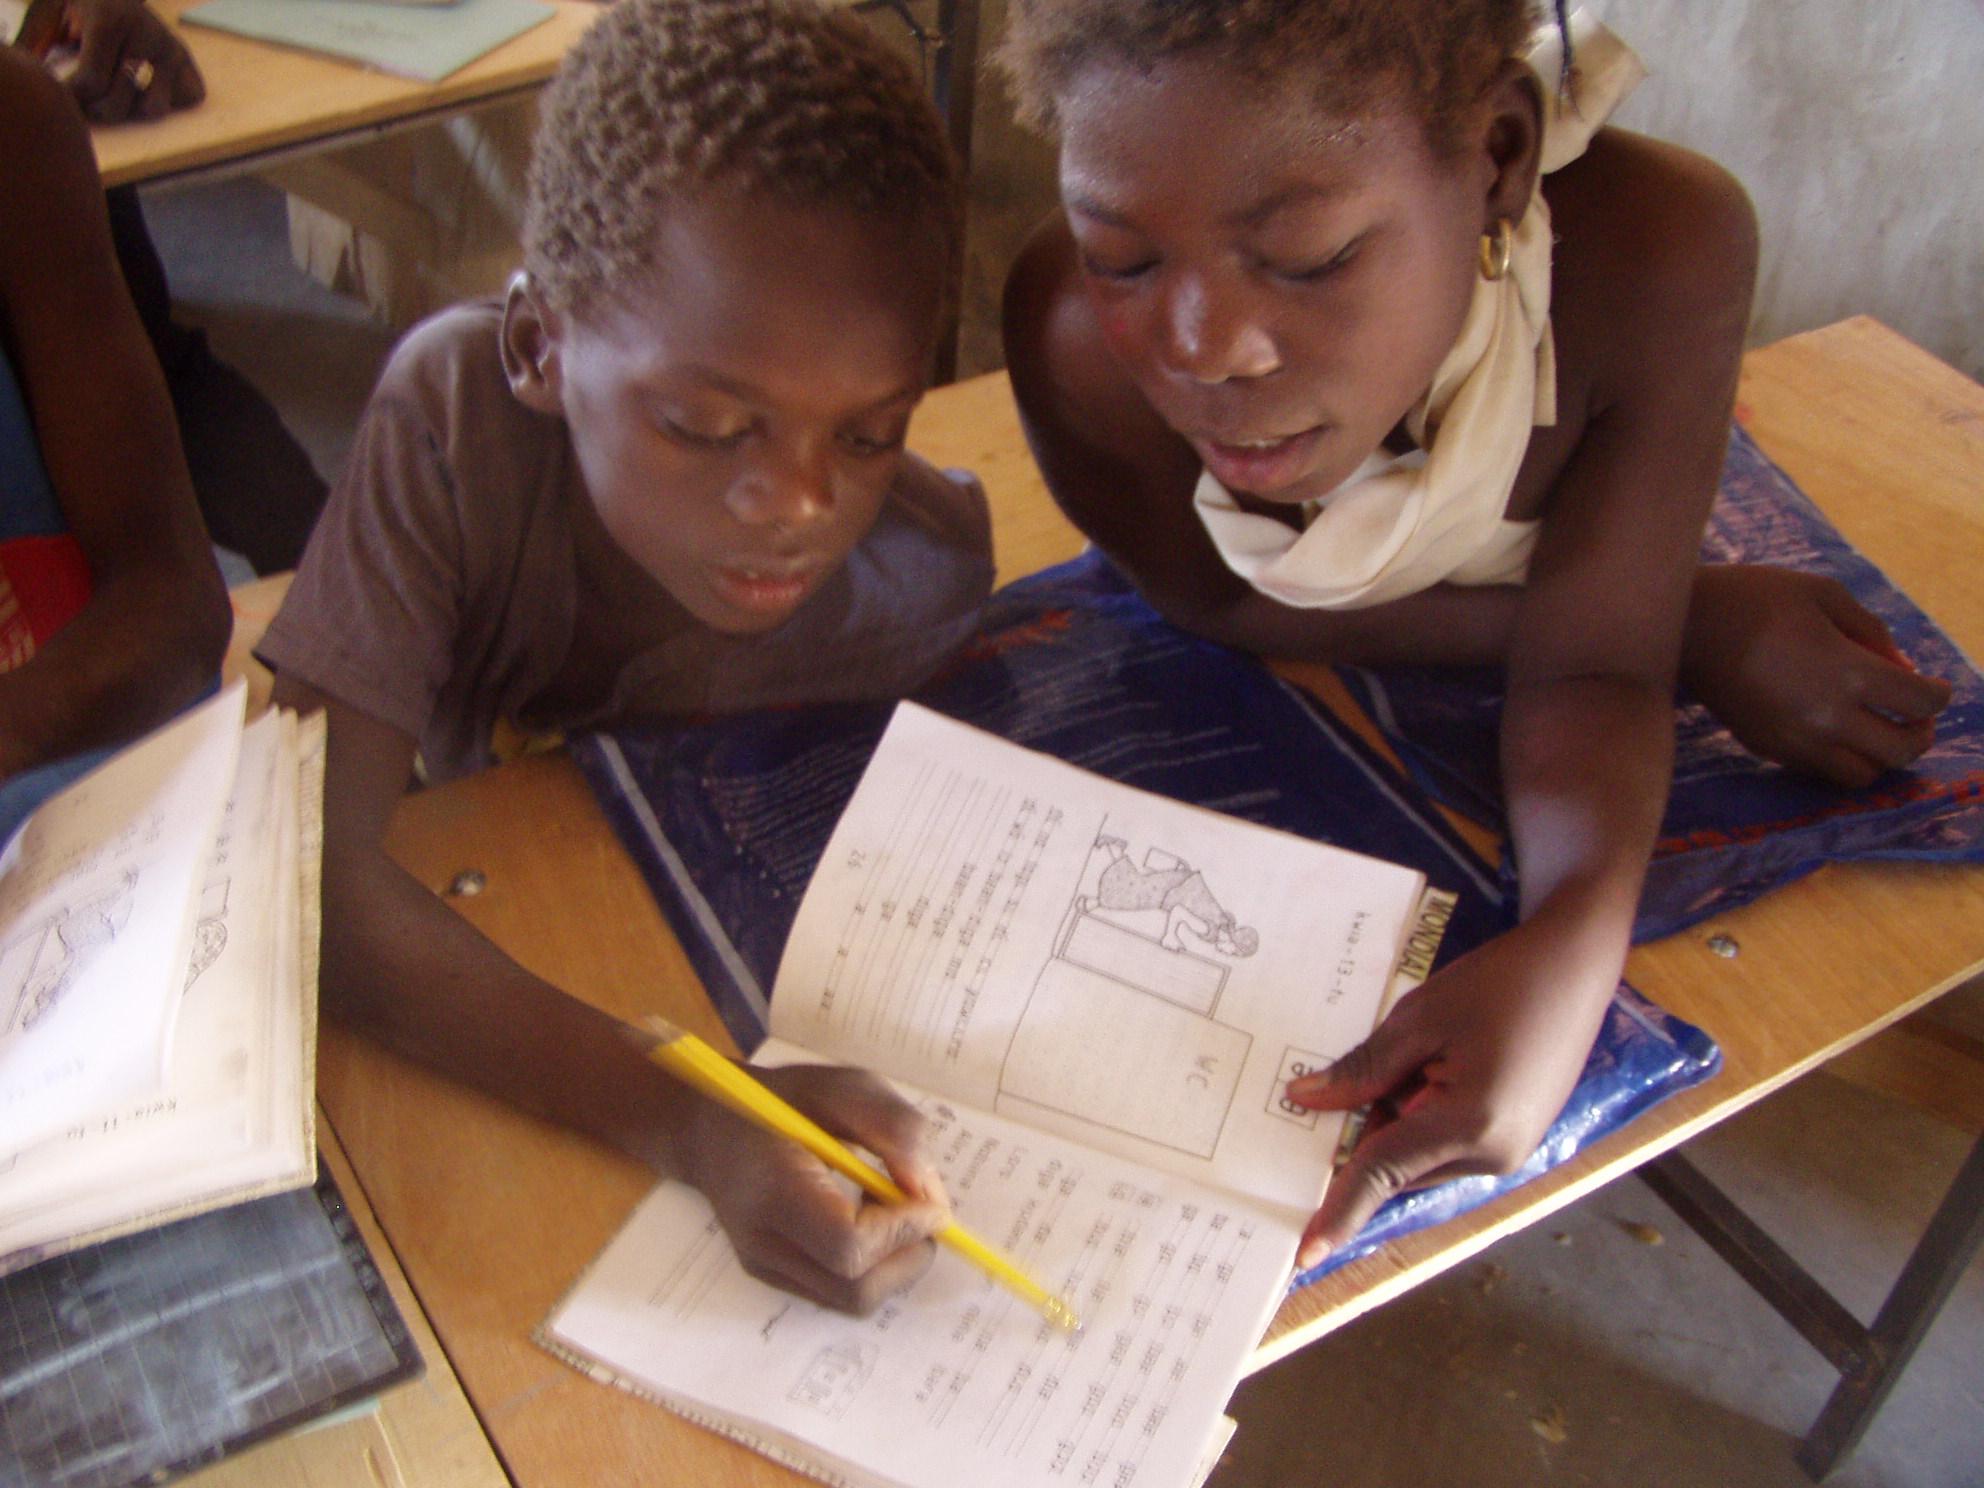 Apprendre à lire le kassem. Learning to read Kassem.